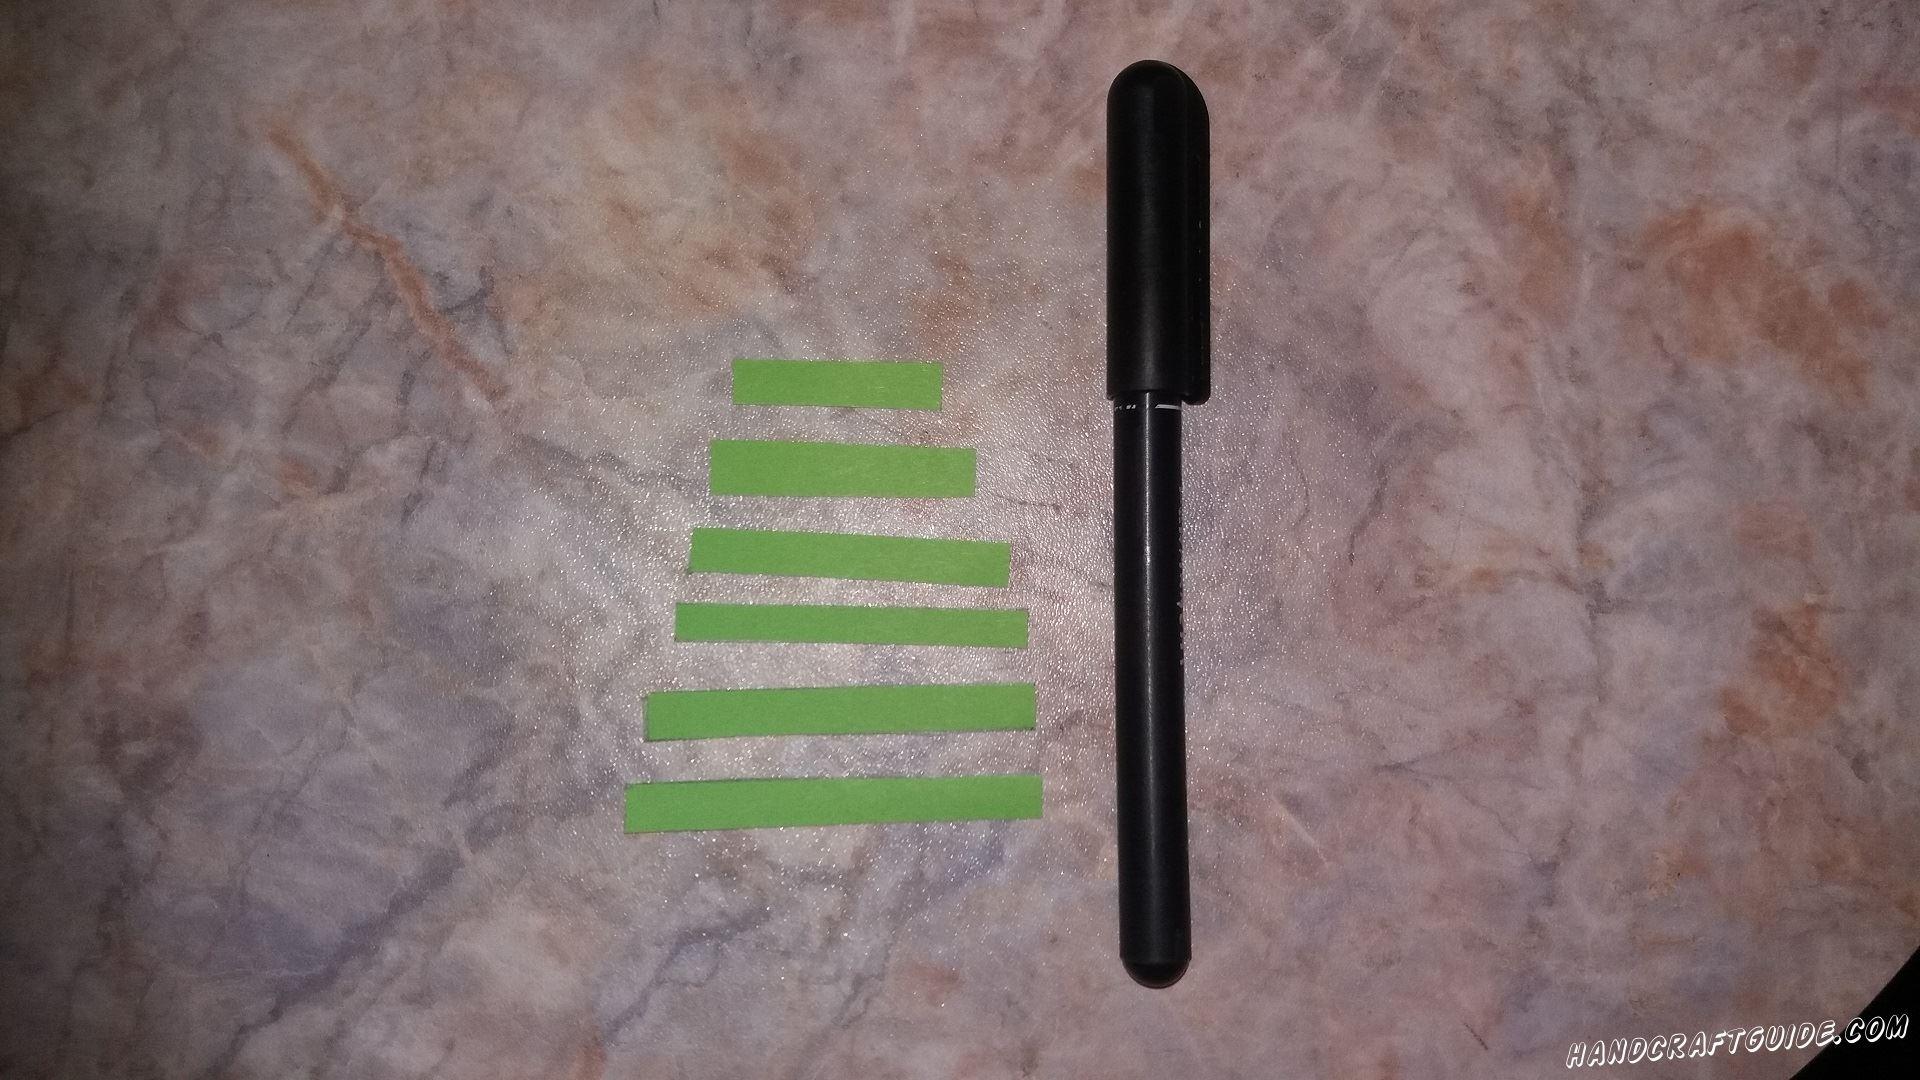 Затем берём фломастер и рисуем множество точек на всех зелёных полосках